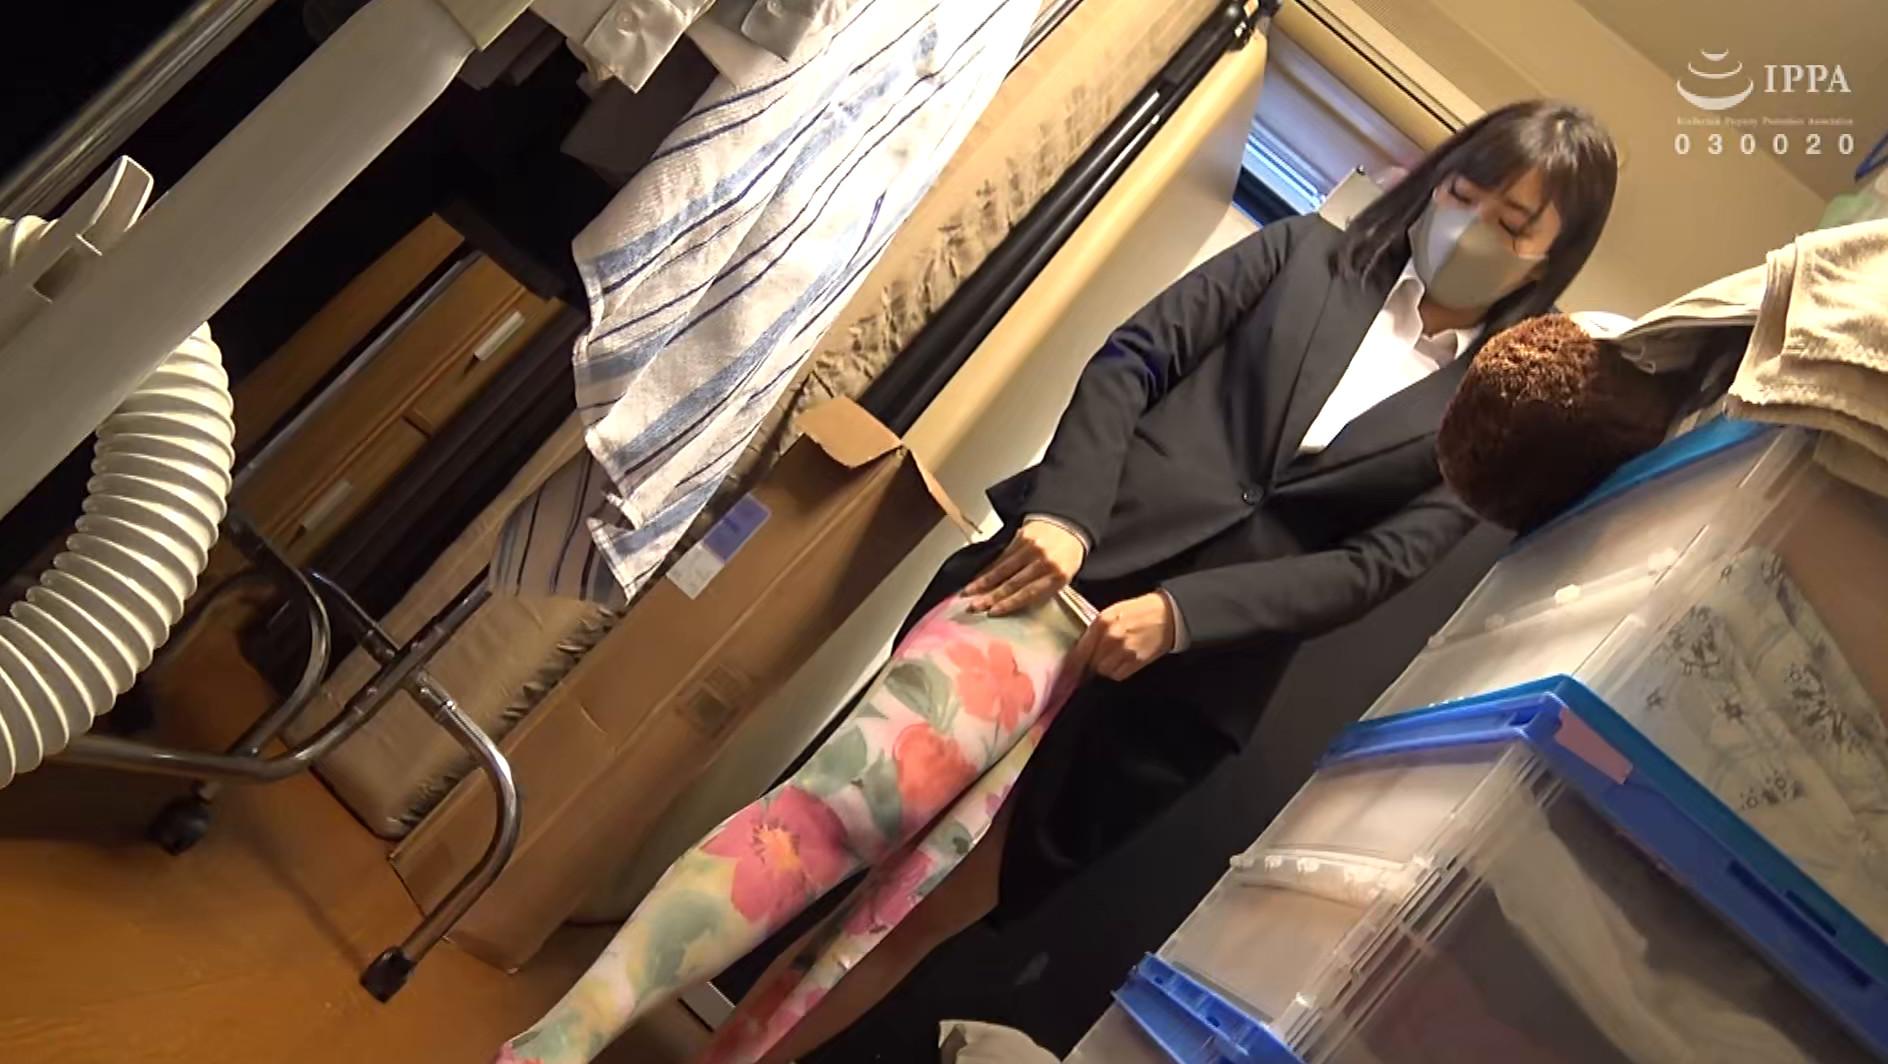 ゴーゴーズ人妻リモート忘年会~欲望の密宴2020~あちらこちらで蜜まみれ!?裏側全部見せます180分スペシャル 画像1